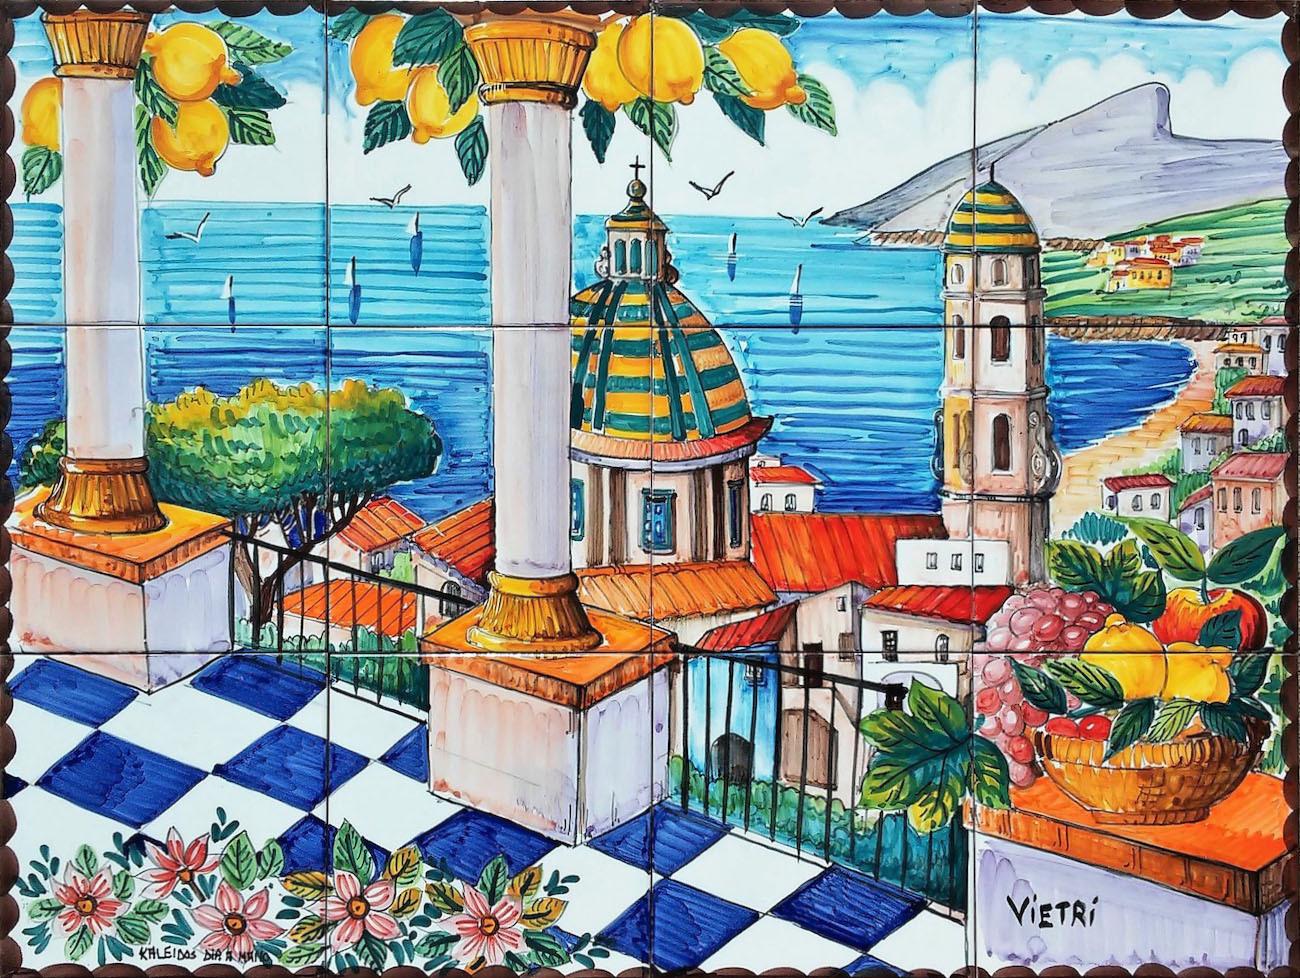 Pannello murale in ceramica veduta balconata di vietri for Pannello decorativo cucina